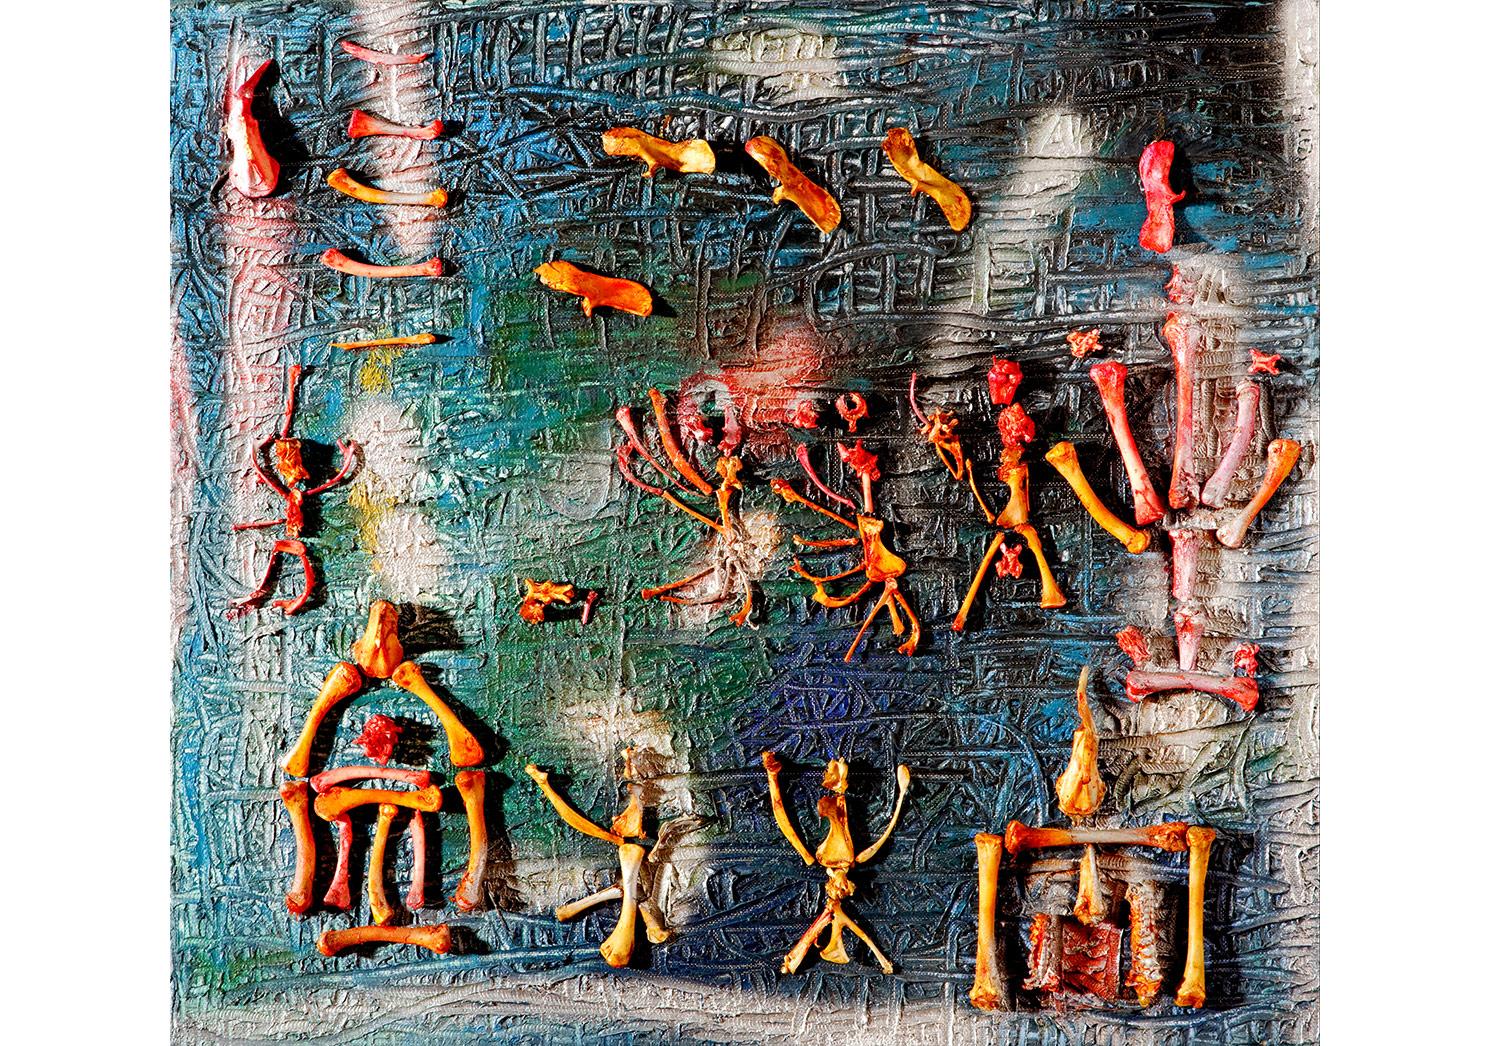 Fahrelnissa Zeid, Kemikli Kompozisyon (Tarihsiz), Tuval Üzerine karışık teknik, 50x55 cm.